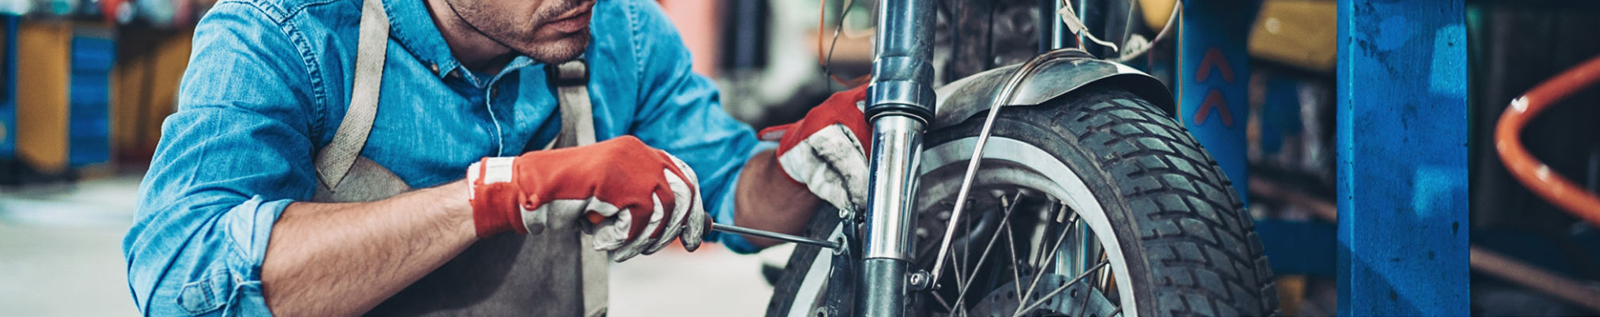 Mechanic Gloves | Industrial Gloves